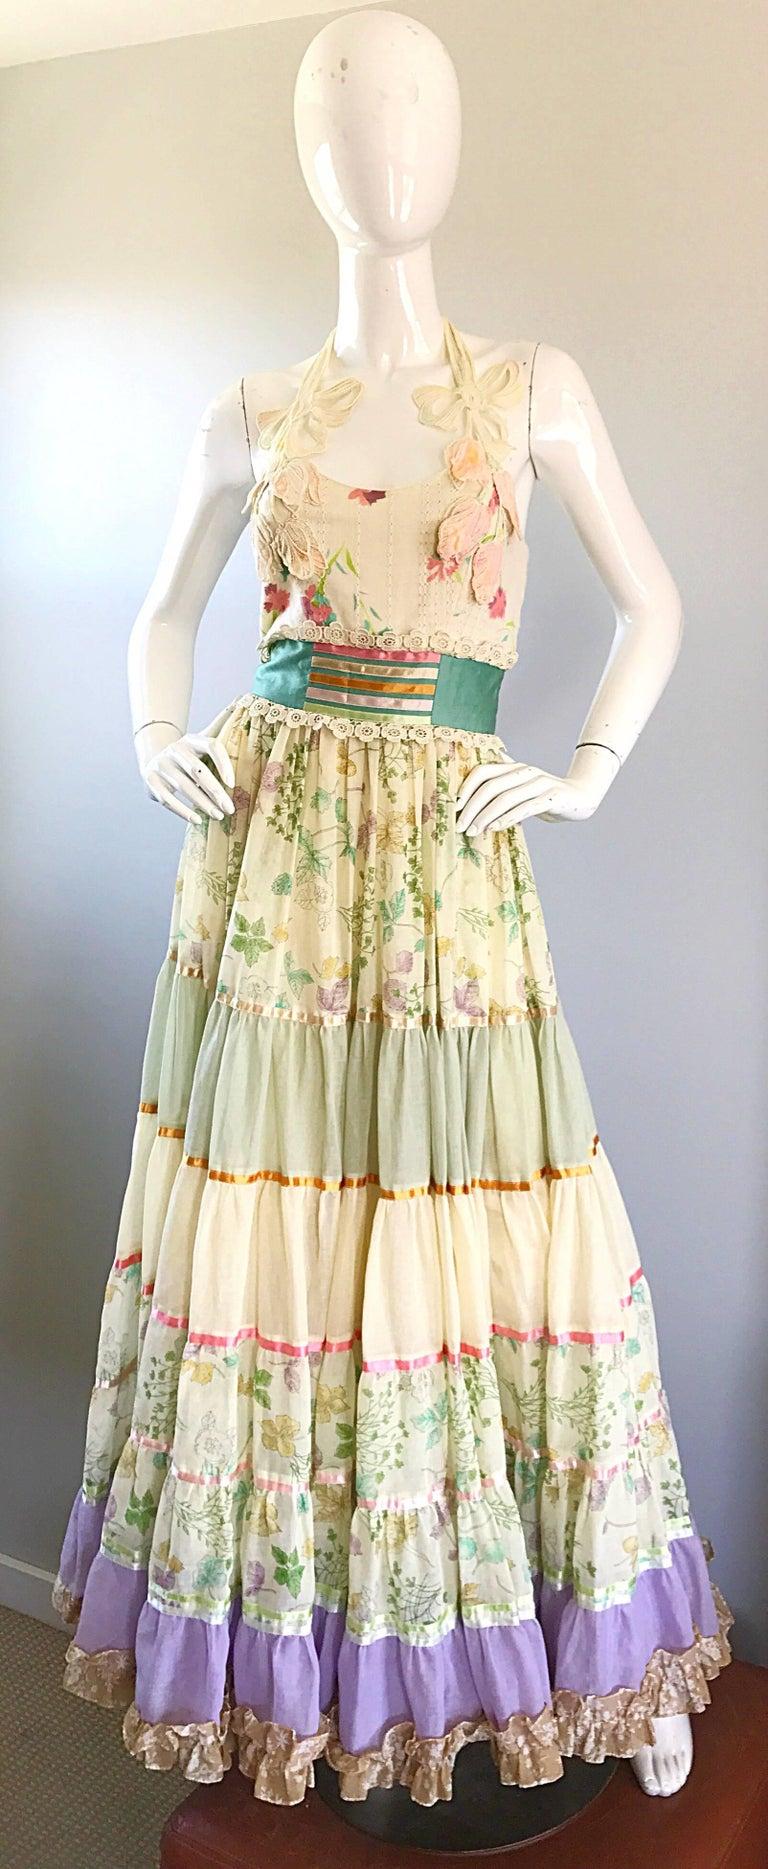 Giorgio di Sant Angelo 1970s Rare Colorful Cotton Voile Vintage 70s Maxi Dress 9